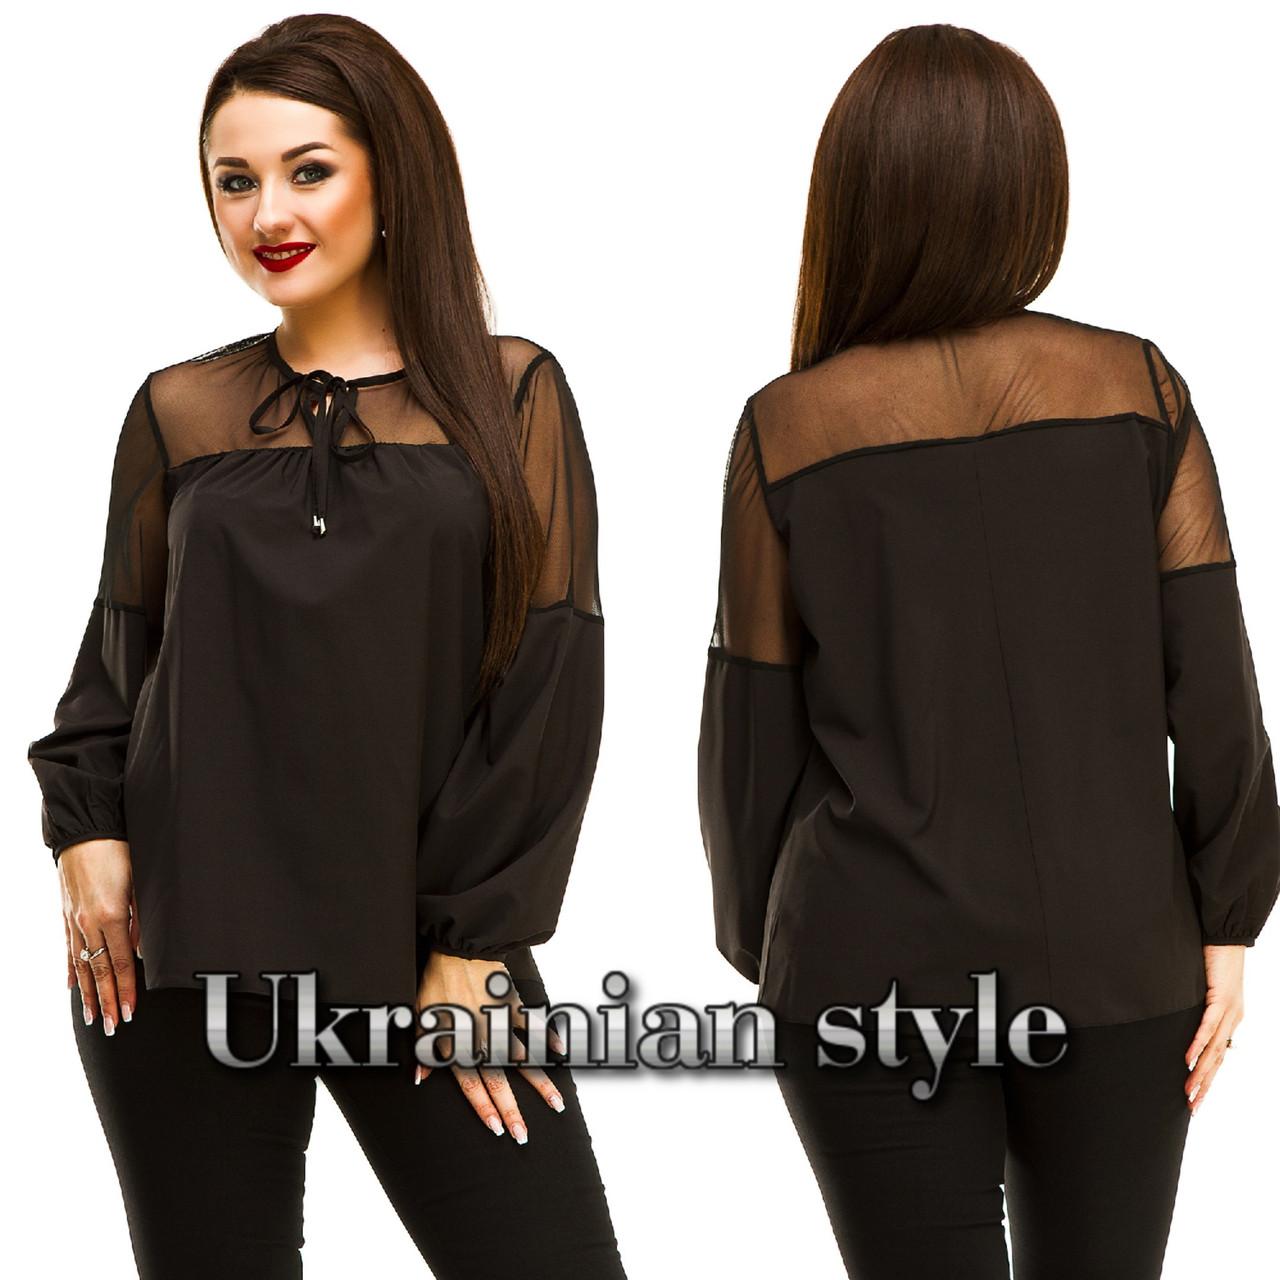 fb046e3ac11 Красивая батальная однотонная блуза с сеткой. Много цветов! -  Интернет-магазин